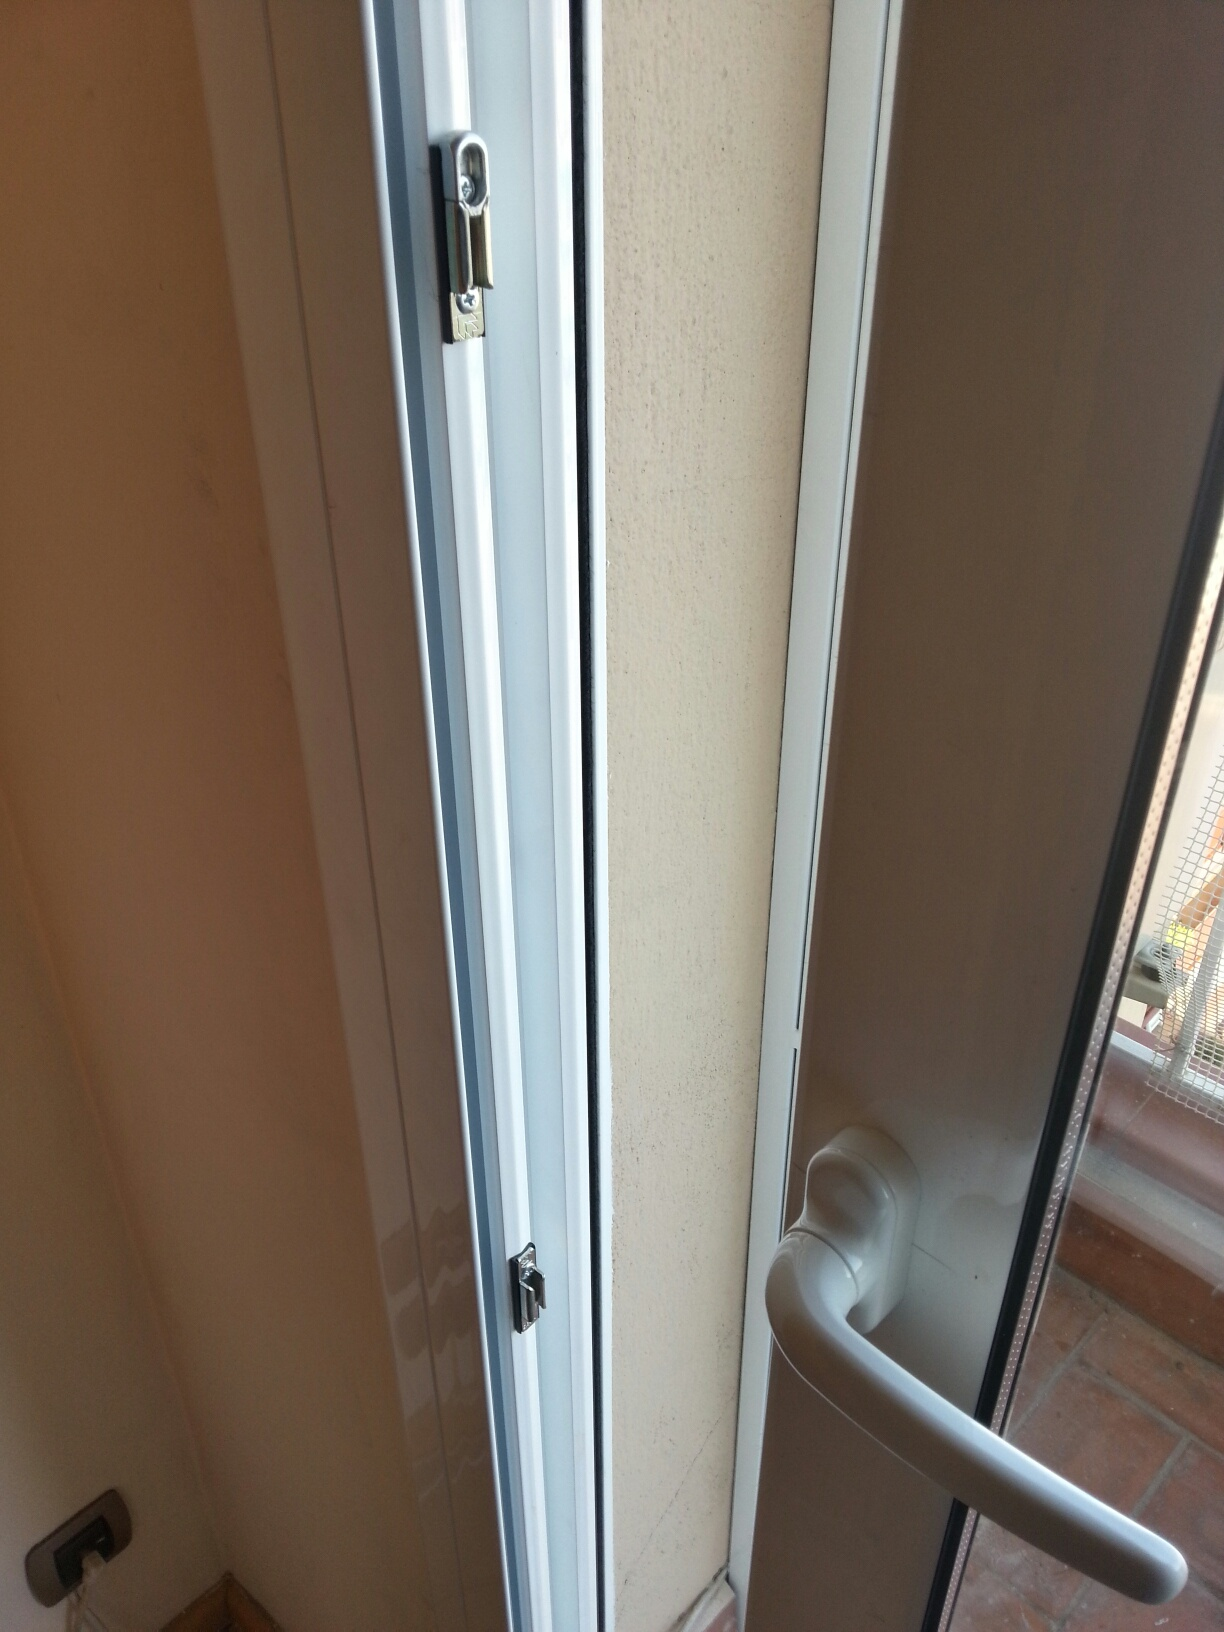 Instalacion de cierre de seguridad para ventanas - Cierres de seguridad ...